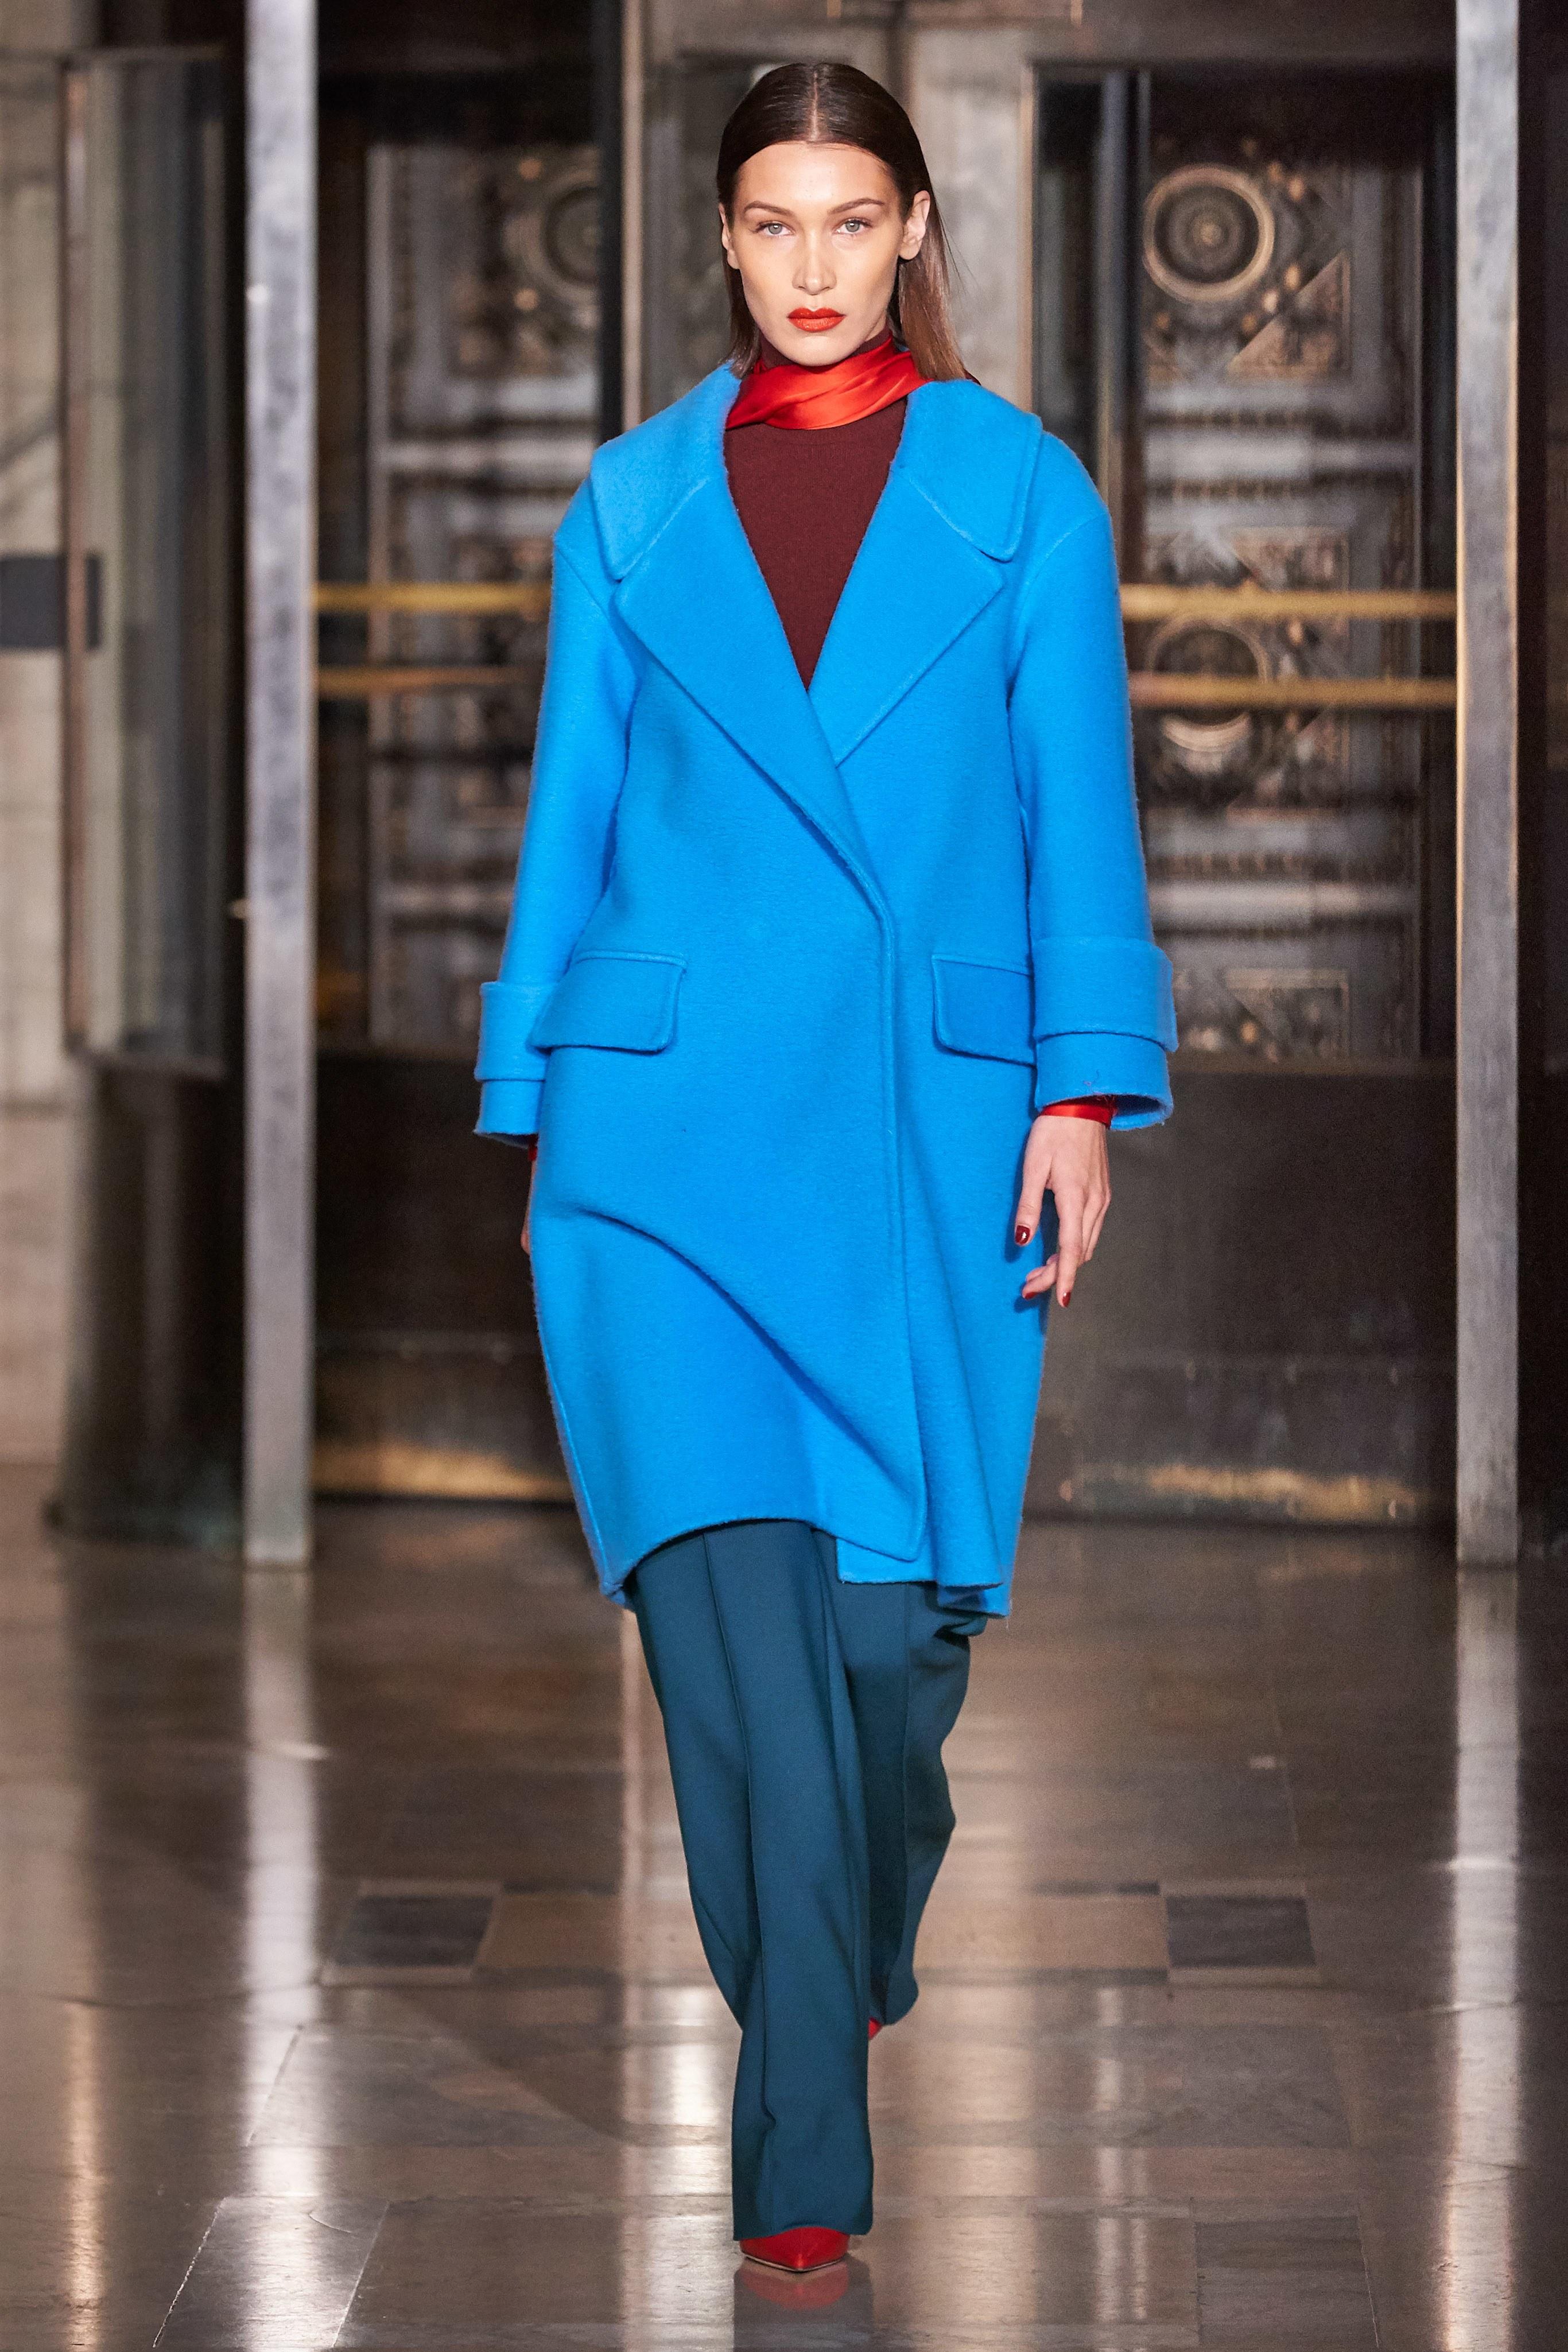 tuần lễ thời trang new york thu đông 2020 oscar de la renta look 1